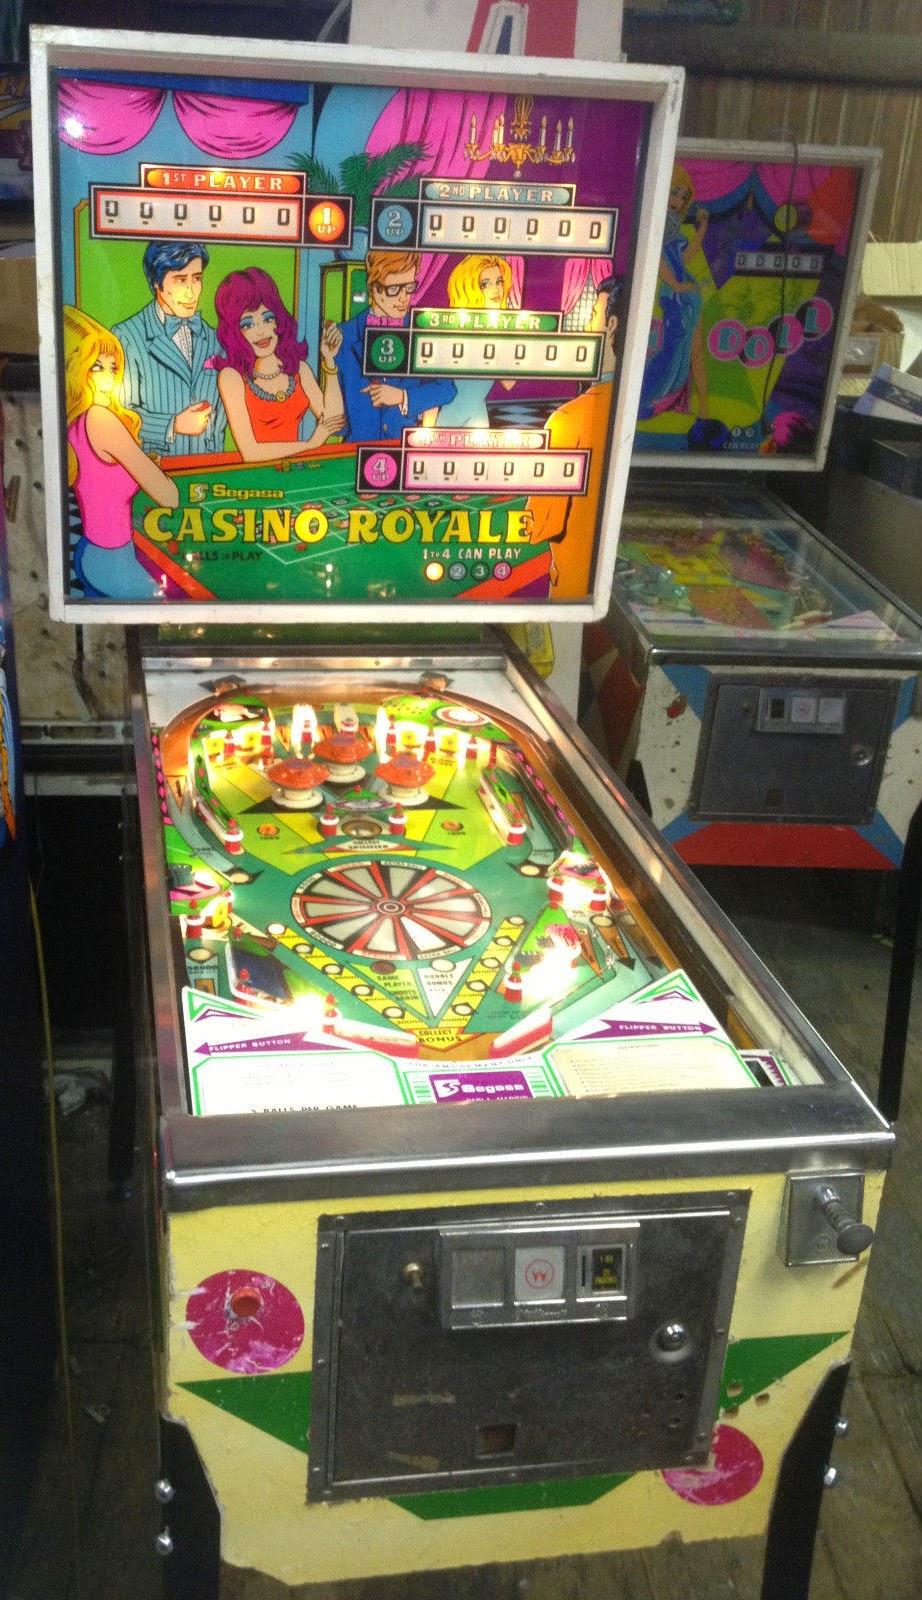 casino royal flipper